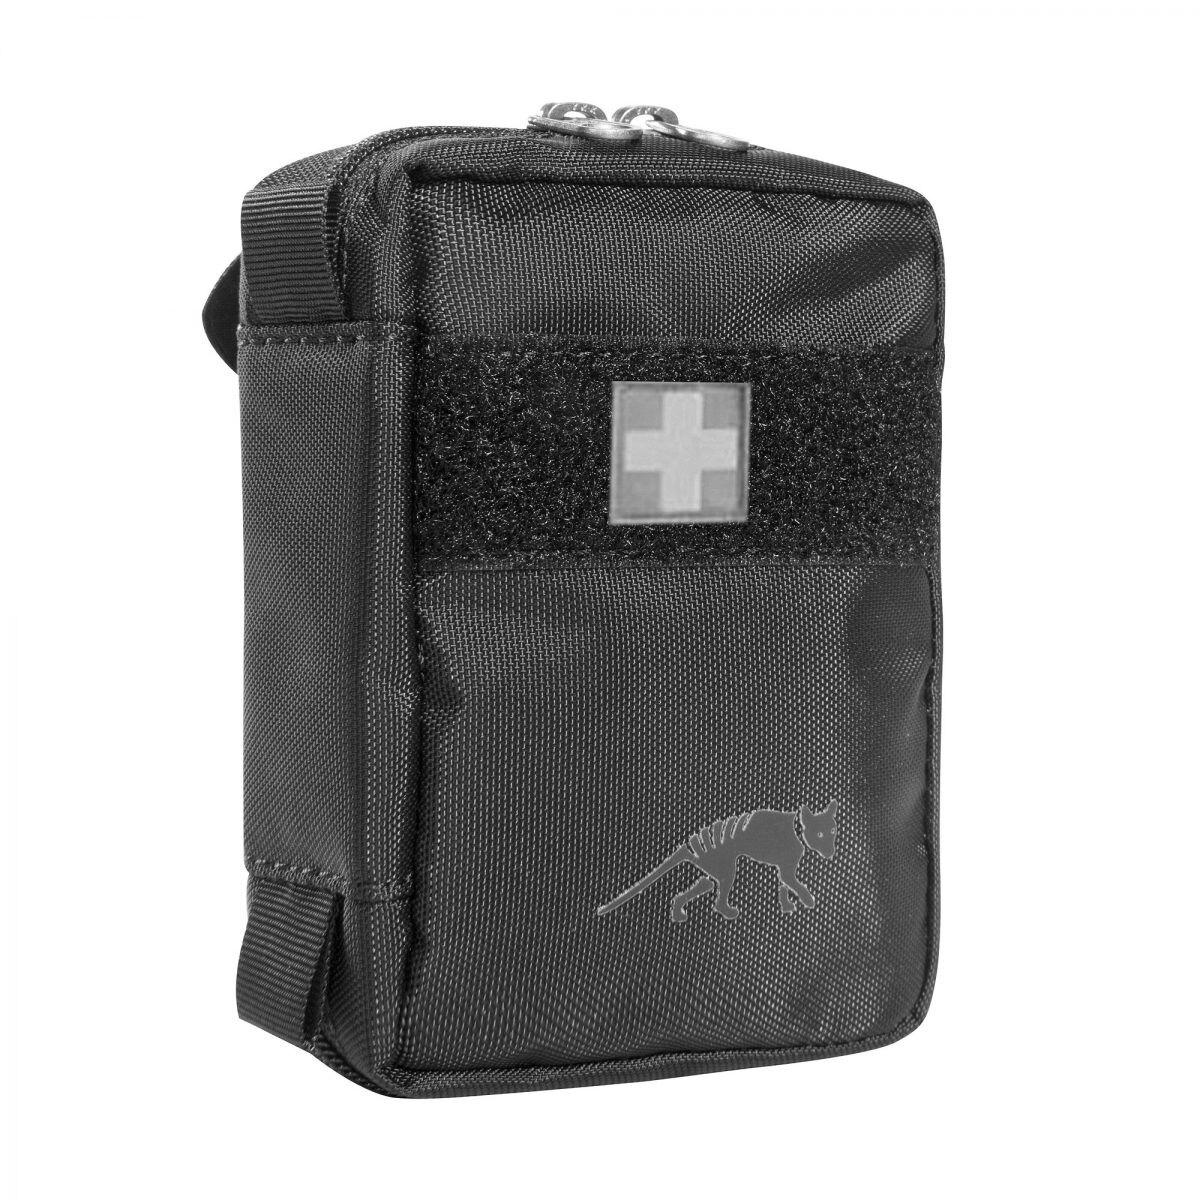 Sada prvej pomoci First Aid Mini Tasmanian Tiger® – Čierna (Farba: Čierna)